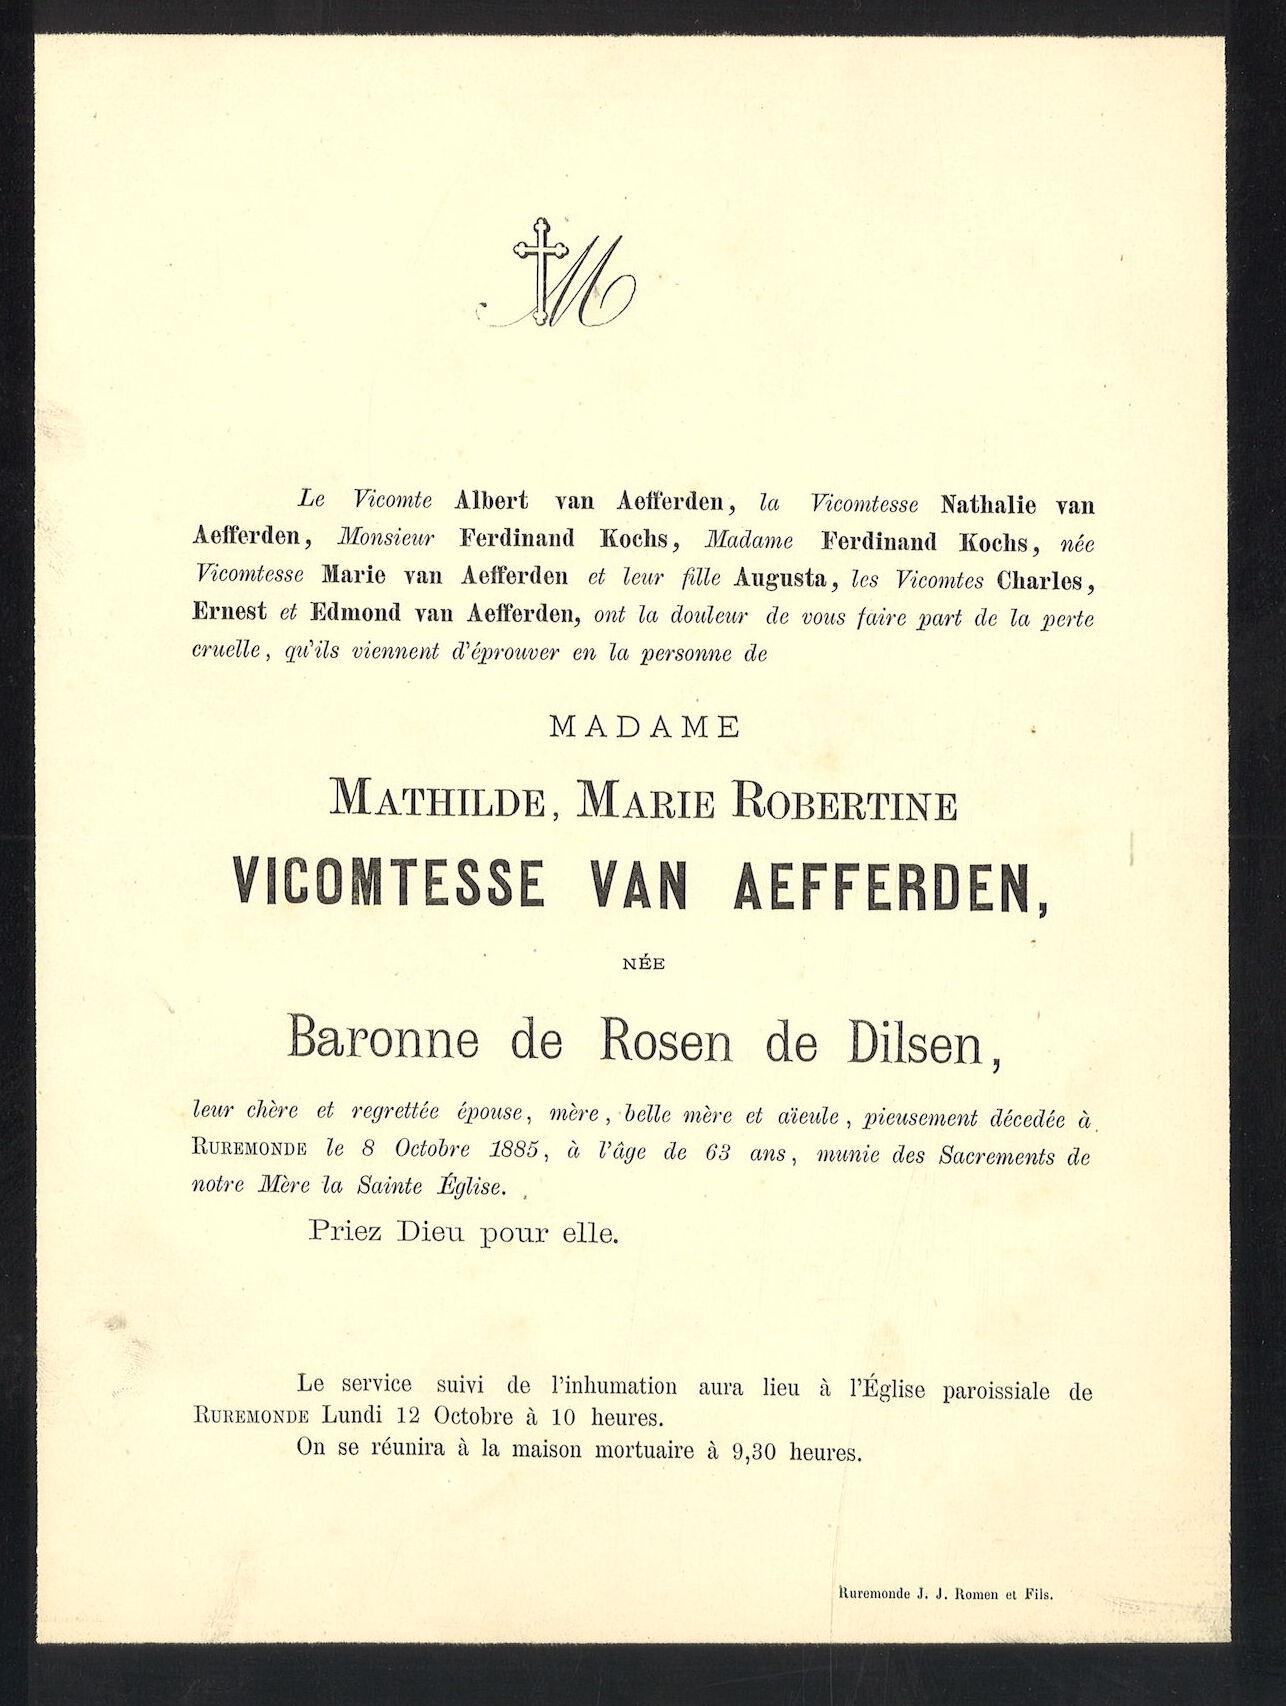 Mathilde Marie Robertine de Rosen de Dilsen